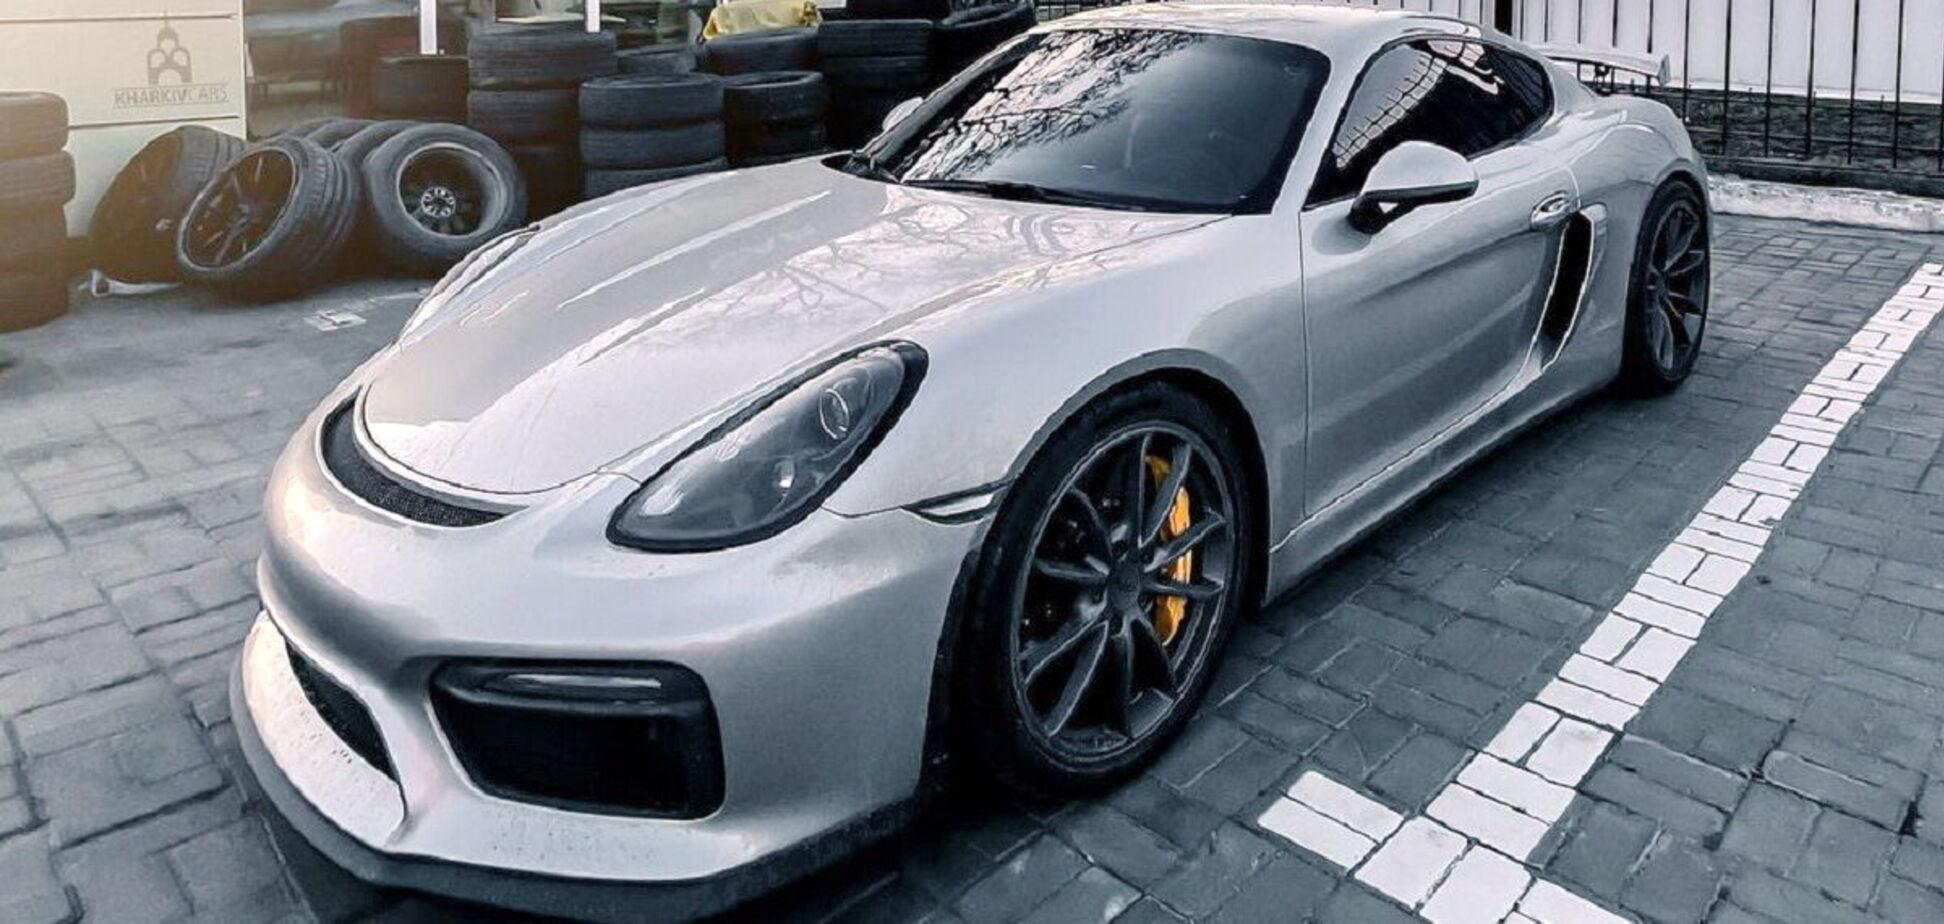 В Україні знайшли екстремальний спорткар Porsche